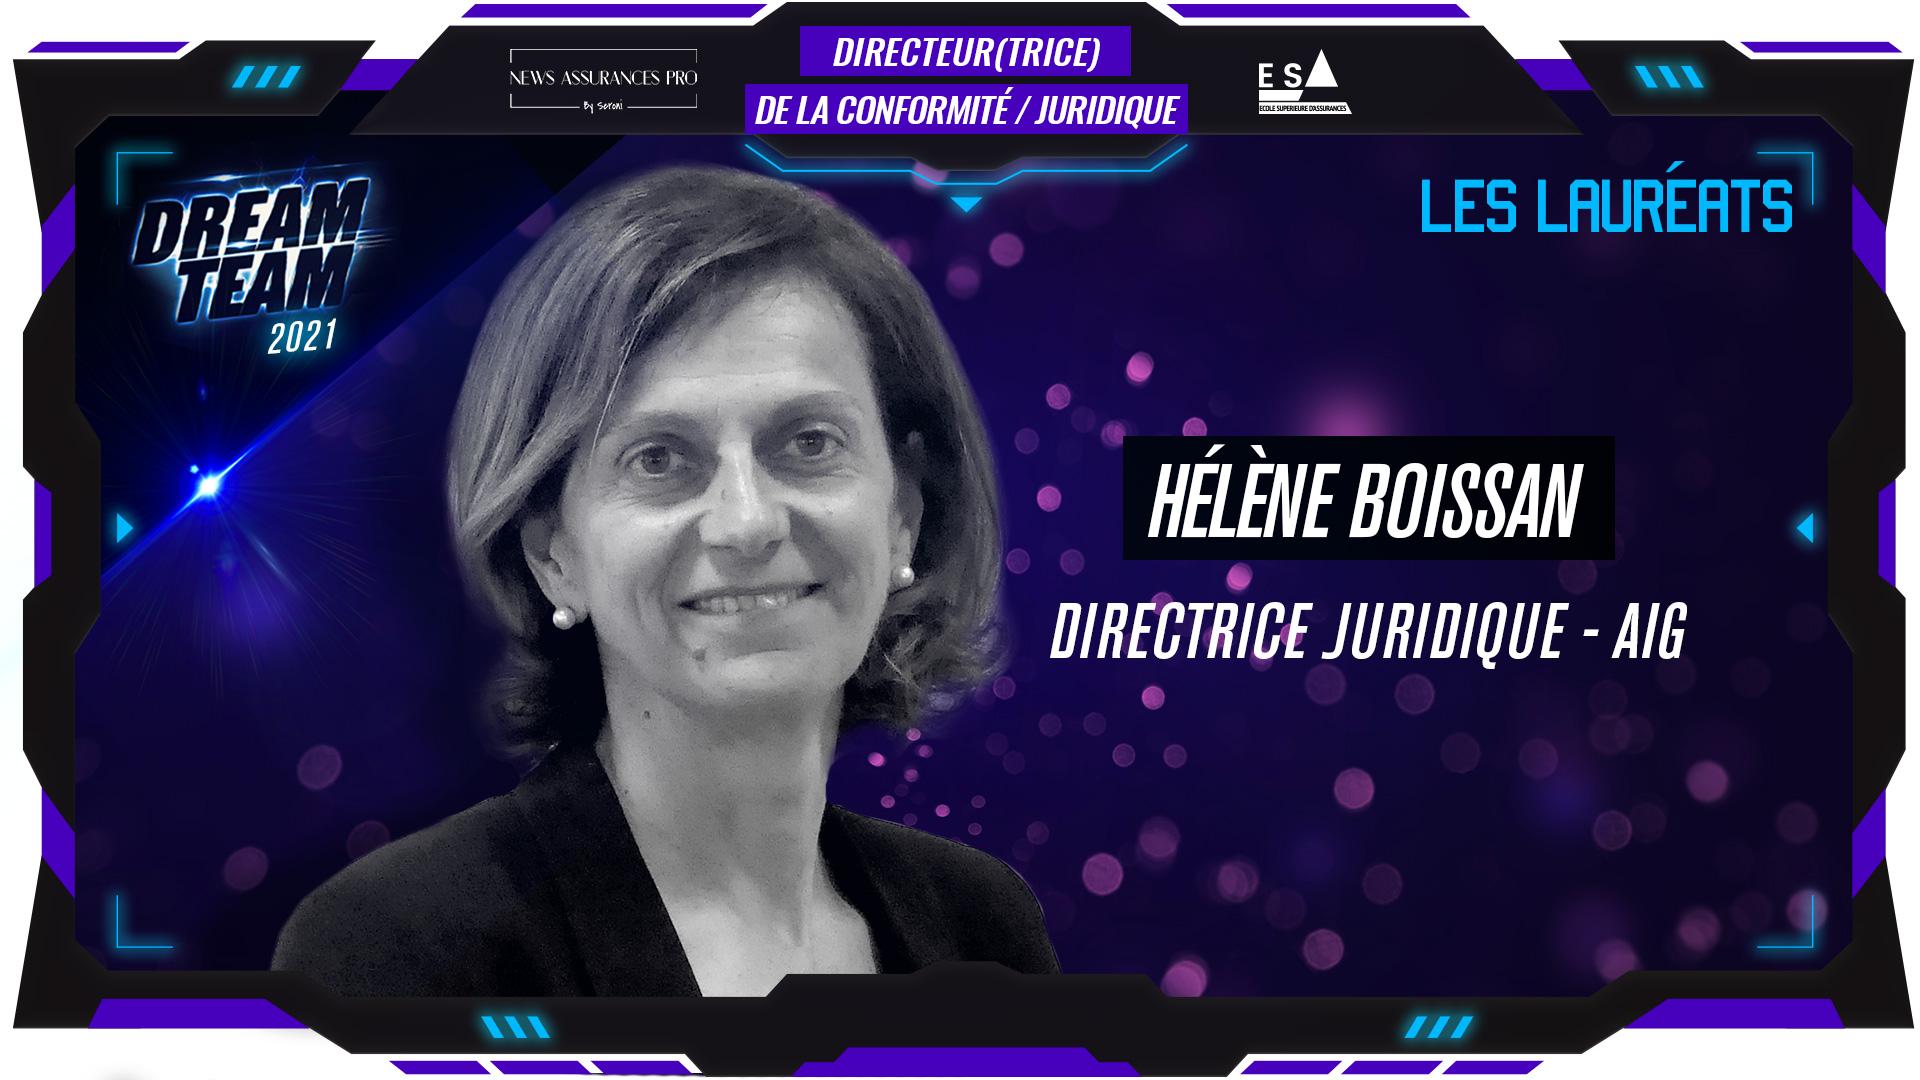 Hélène Boissan au poste de Directrice de la conformité / Juridique